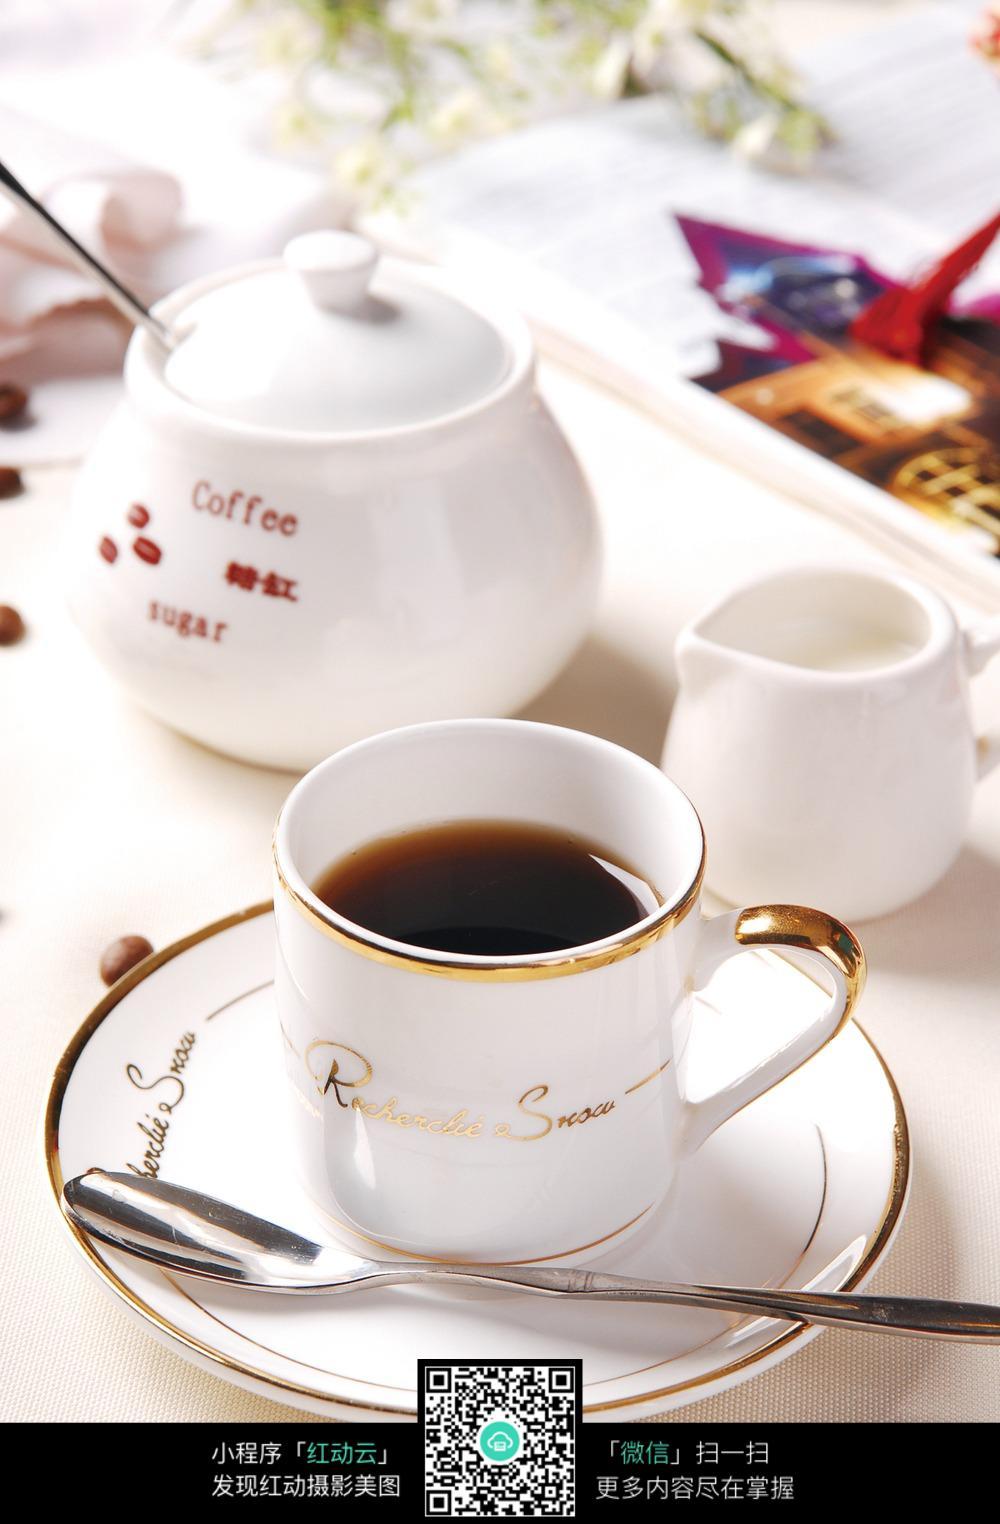 咖啡送杯子